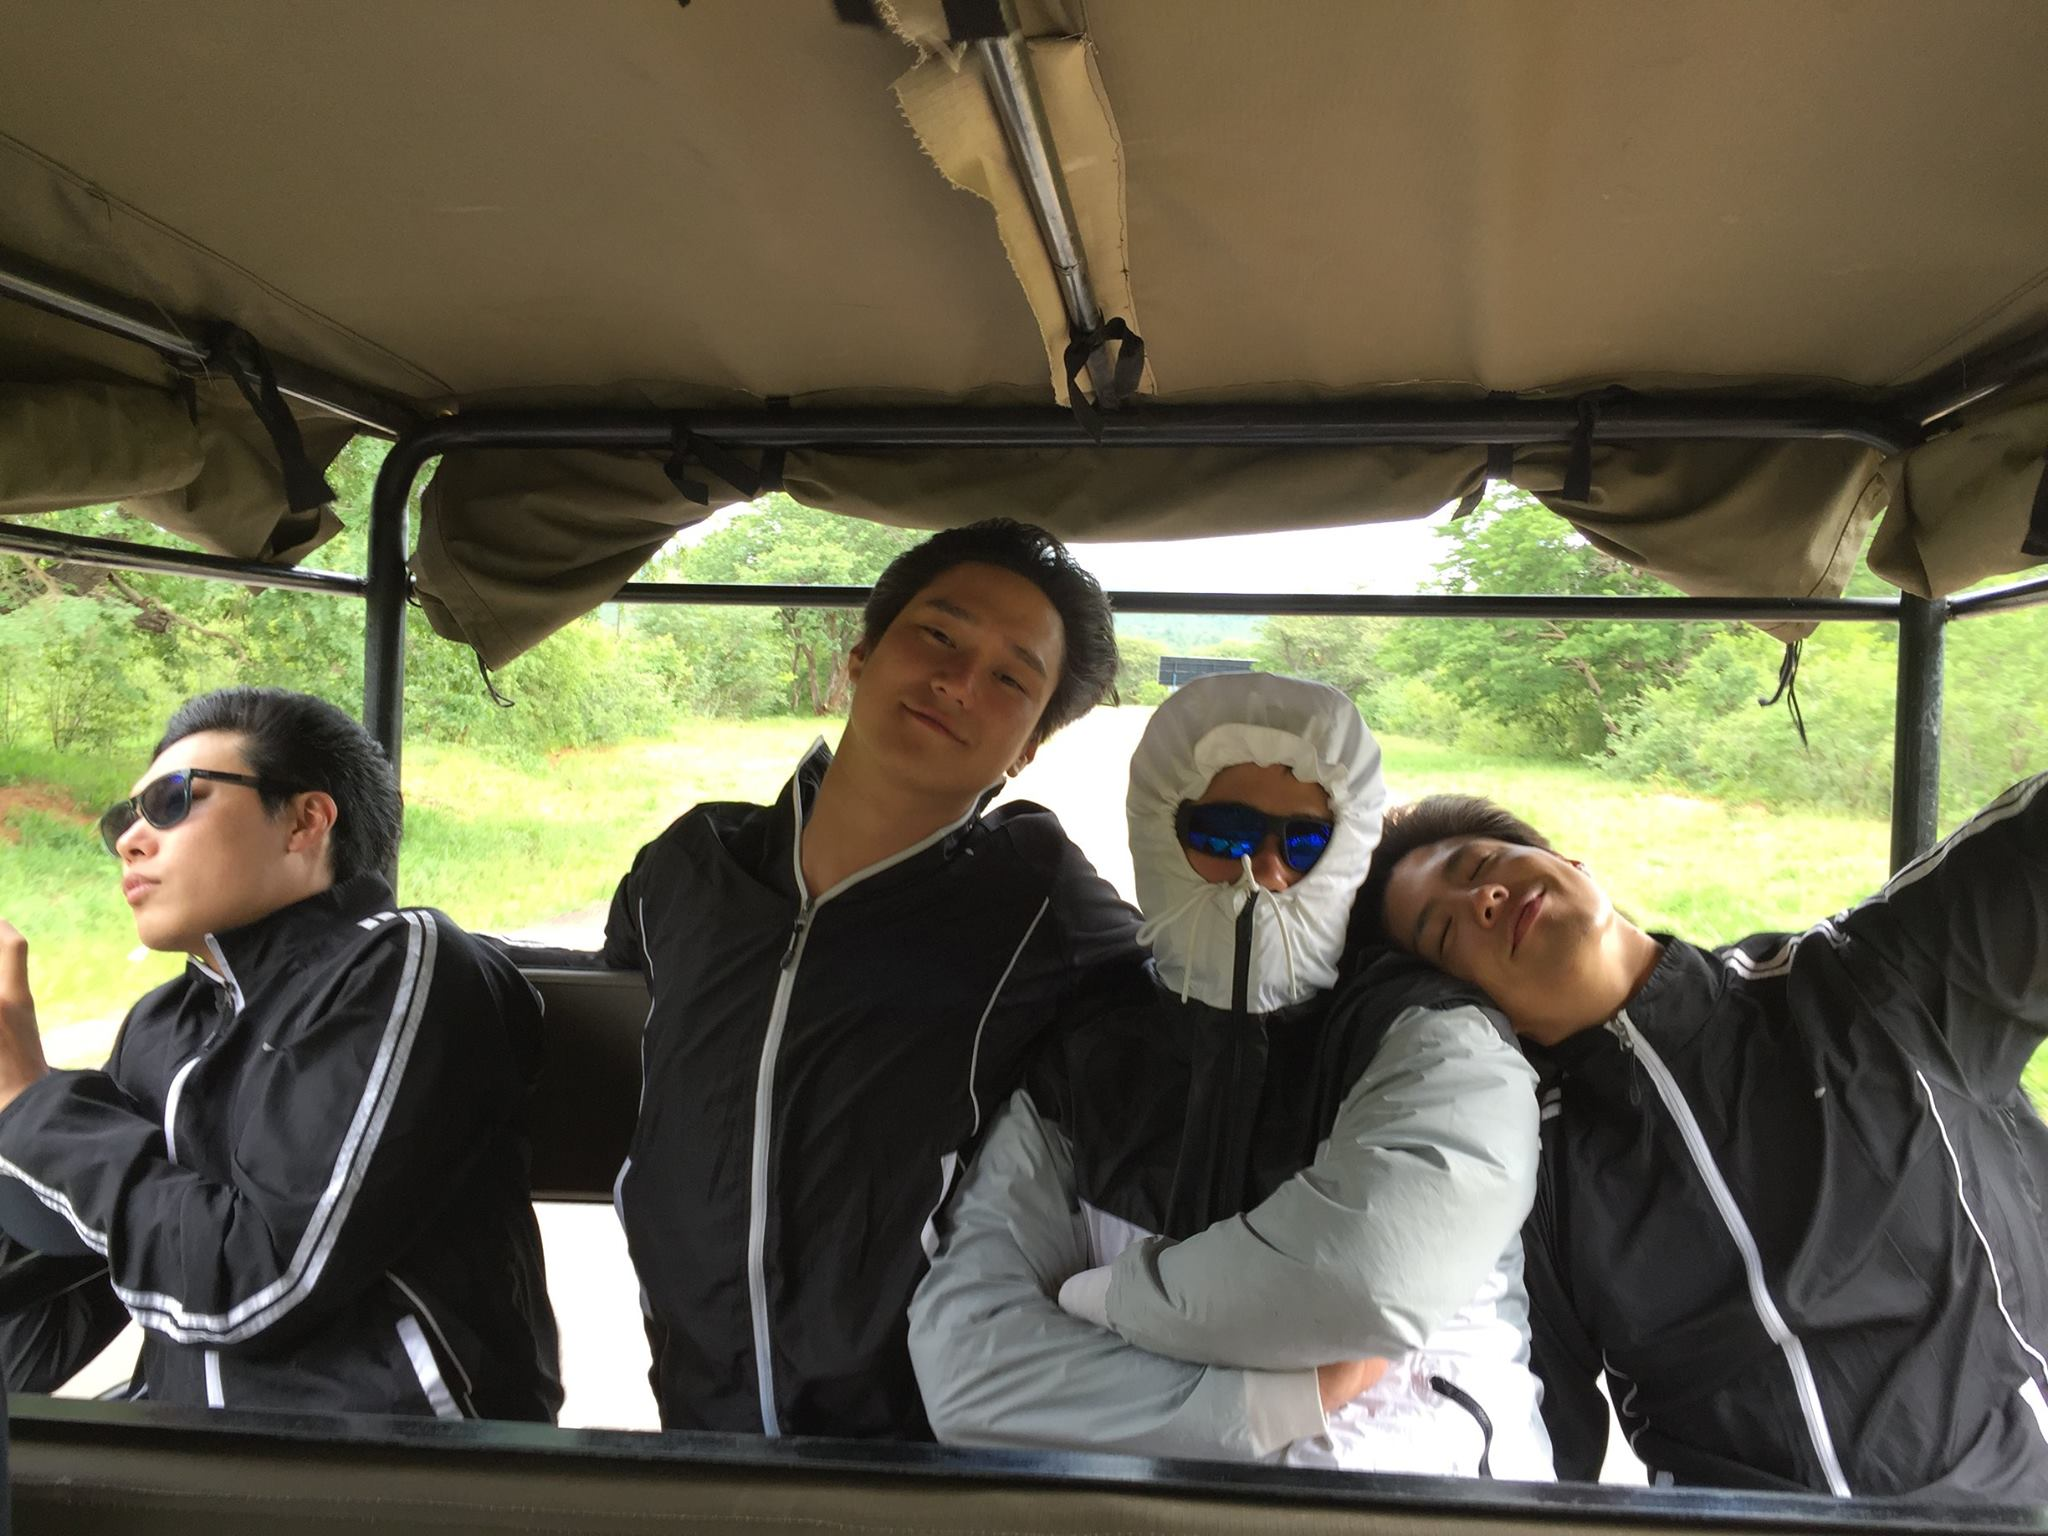 ♡ 看點三:四兄弟有愛的互動  既然是好朋友一起出遊,像這樣的橋段當然不能少啦!